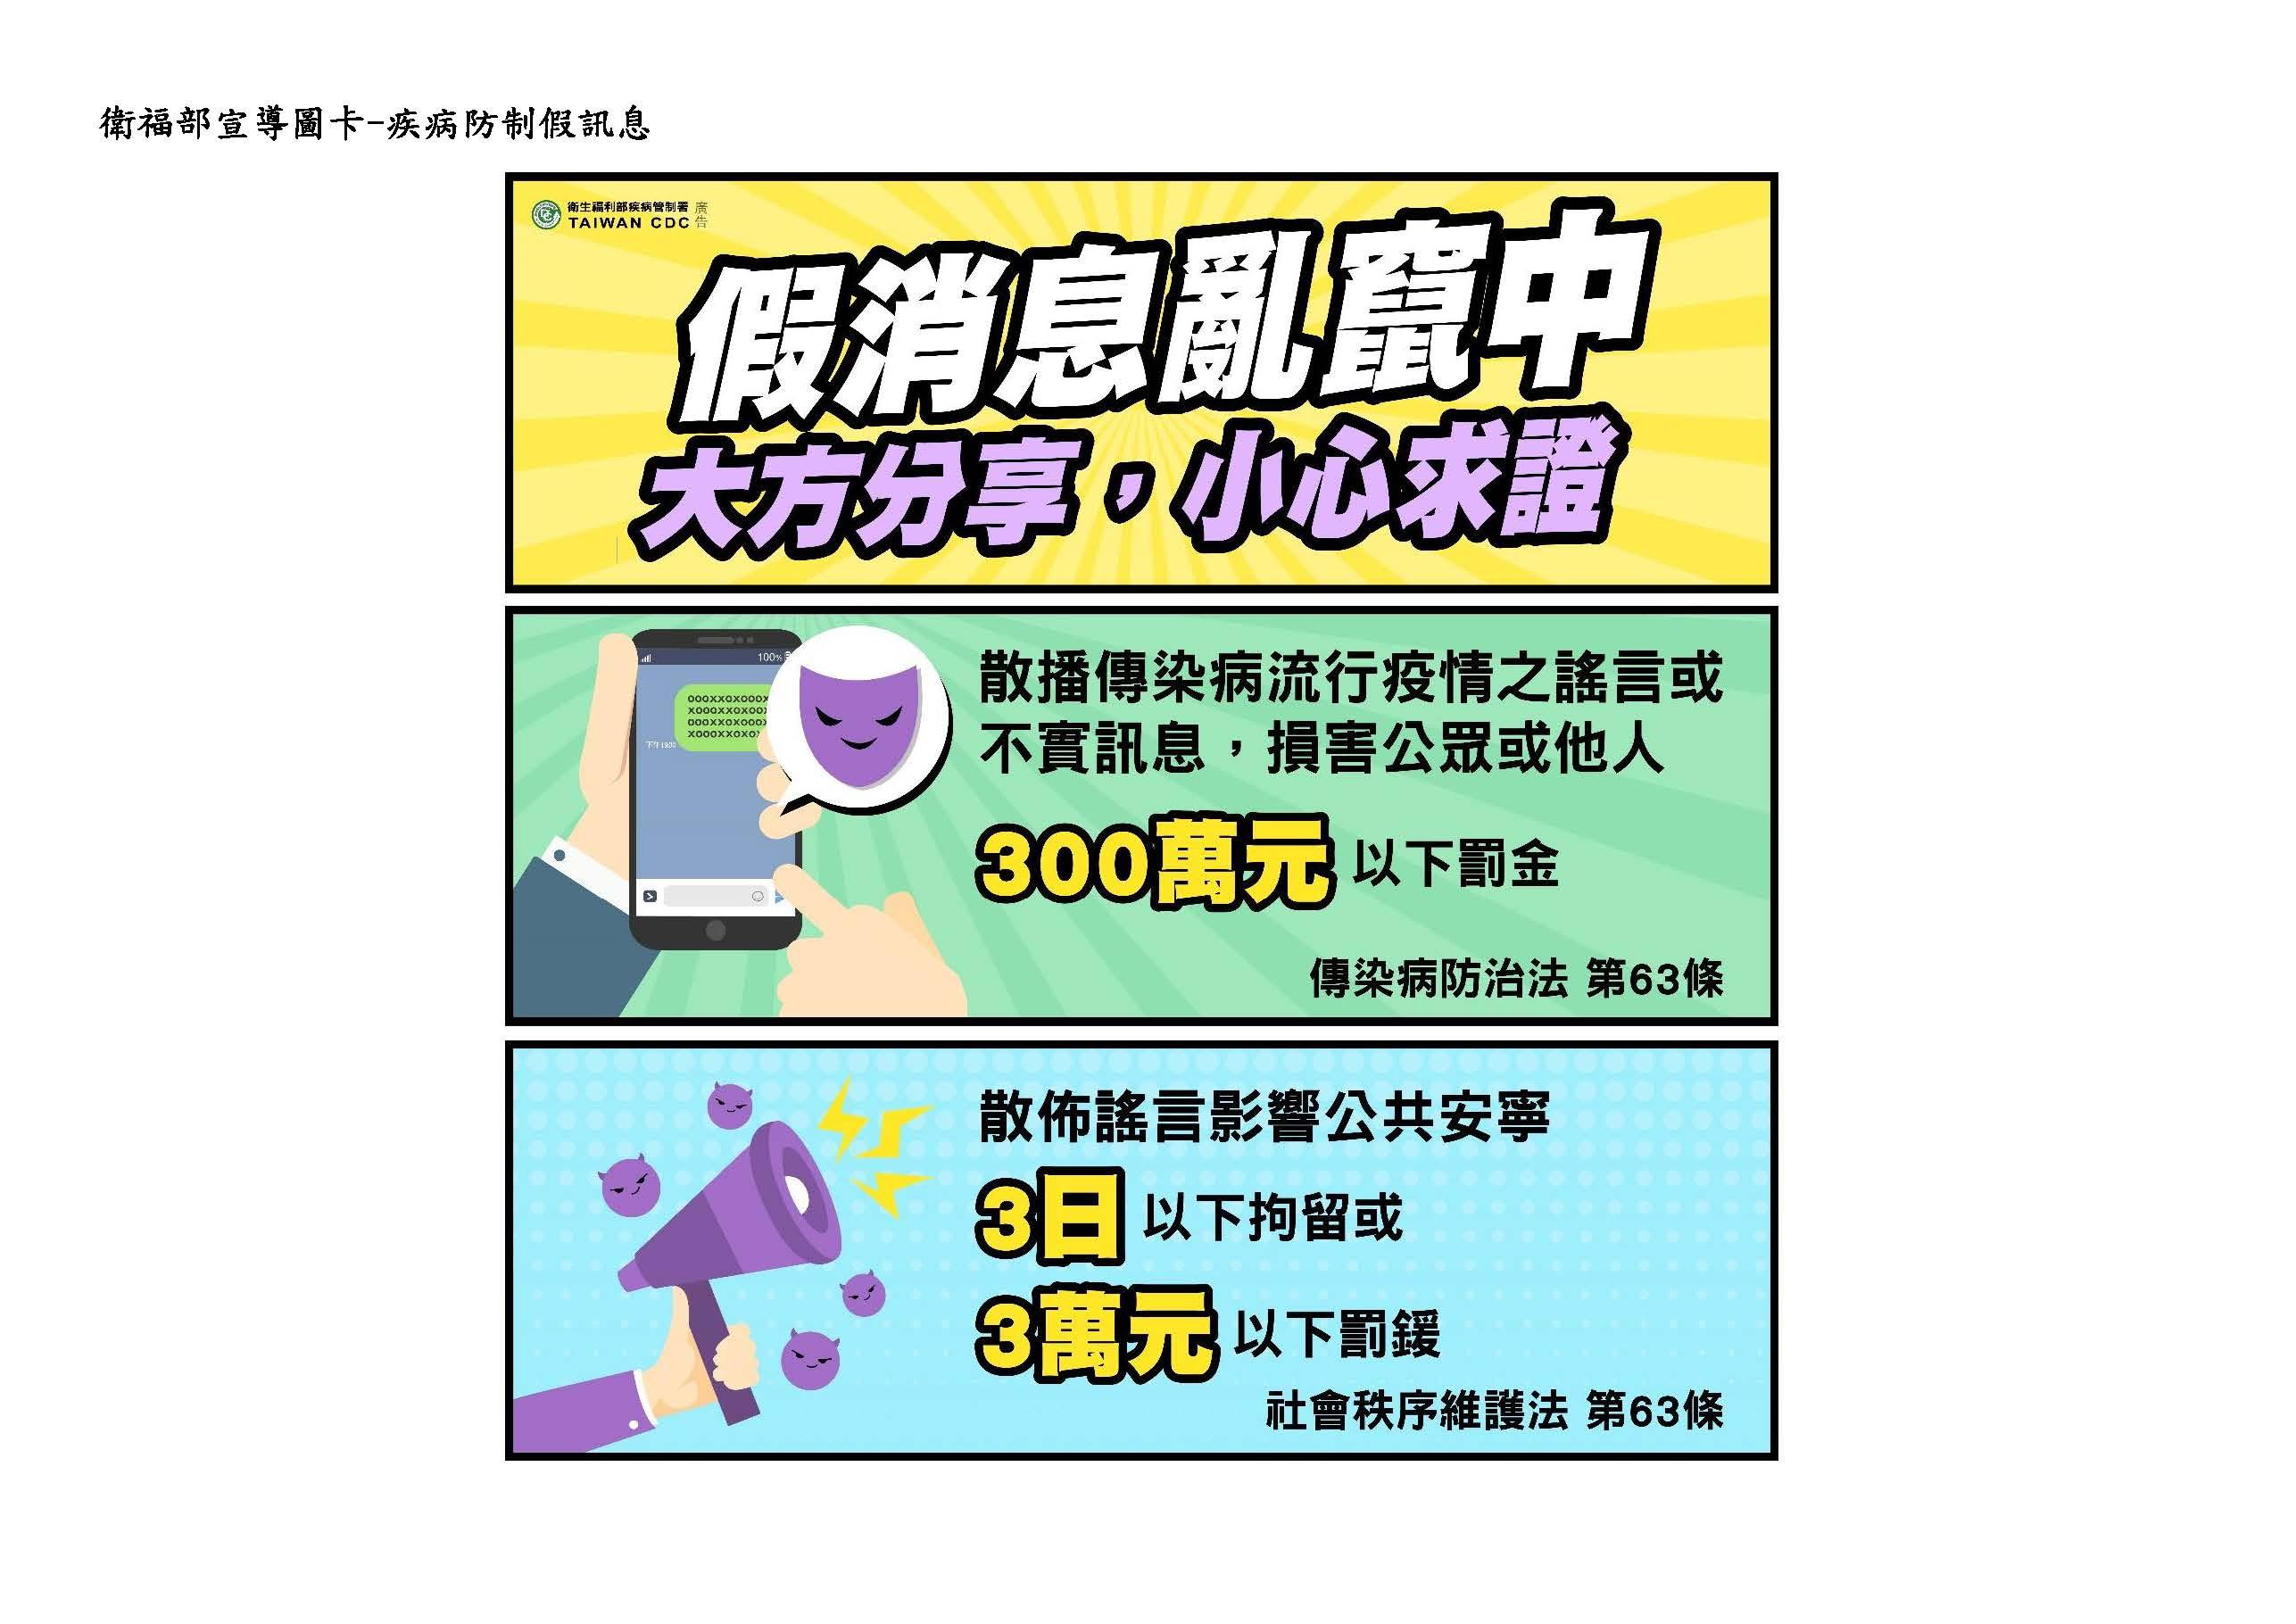 衛福部 宣導圖卡 -疾病防制假訊息 疾病防制假訊息1.jpg